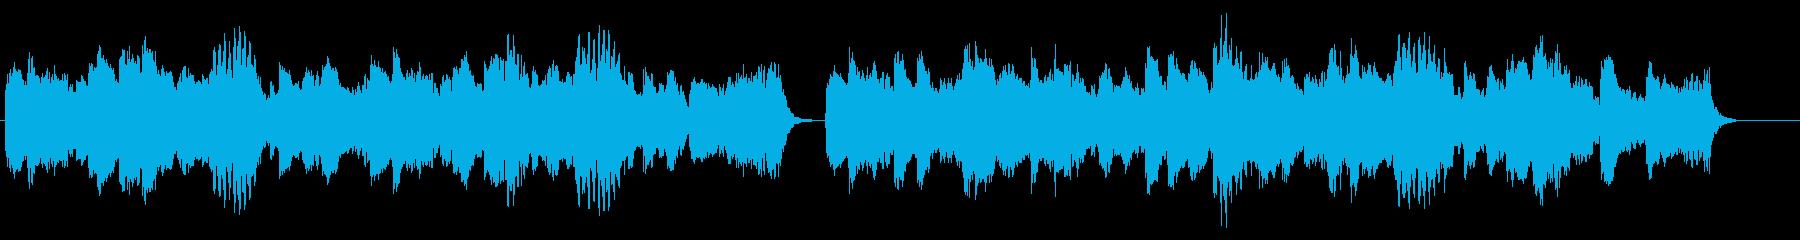 ヴァイオリンとピアノの悲しいメロディーの再生済みの波形